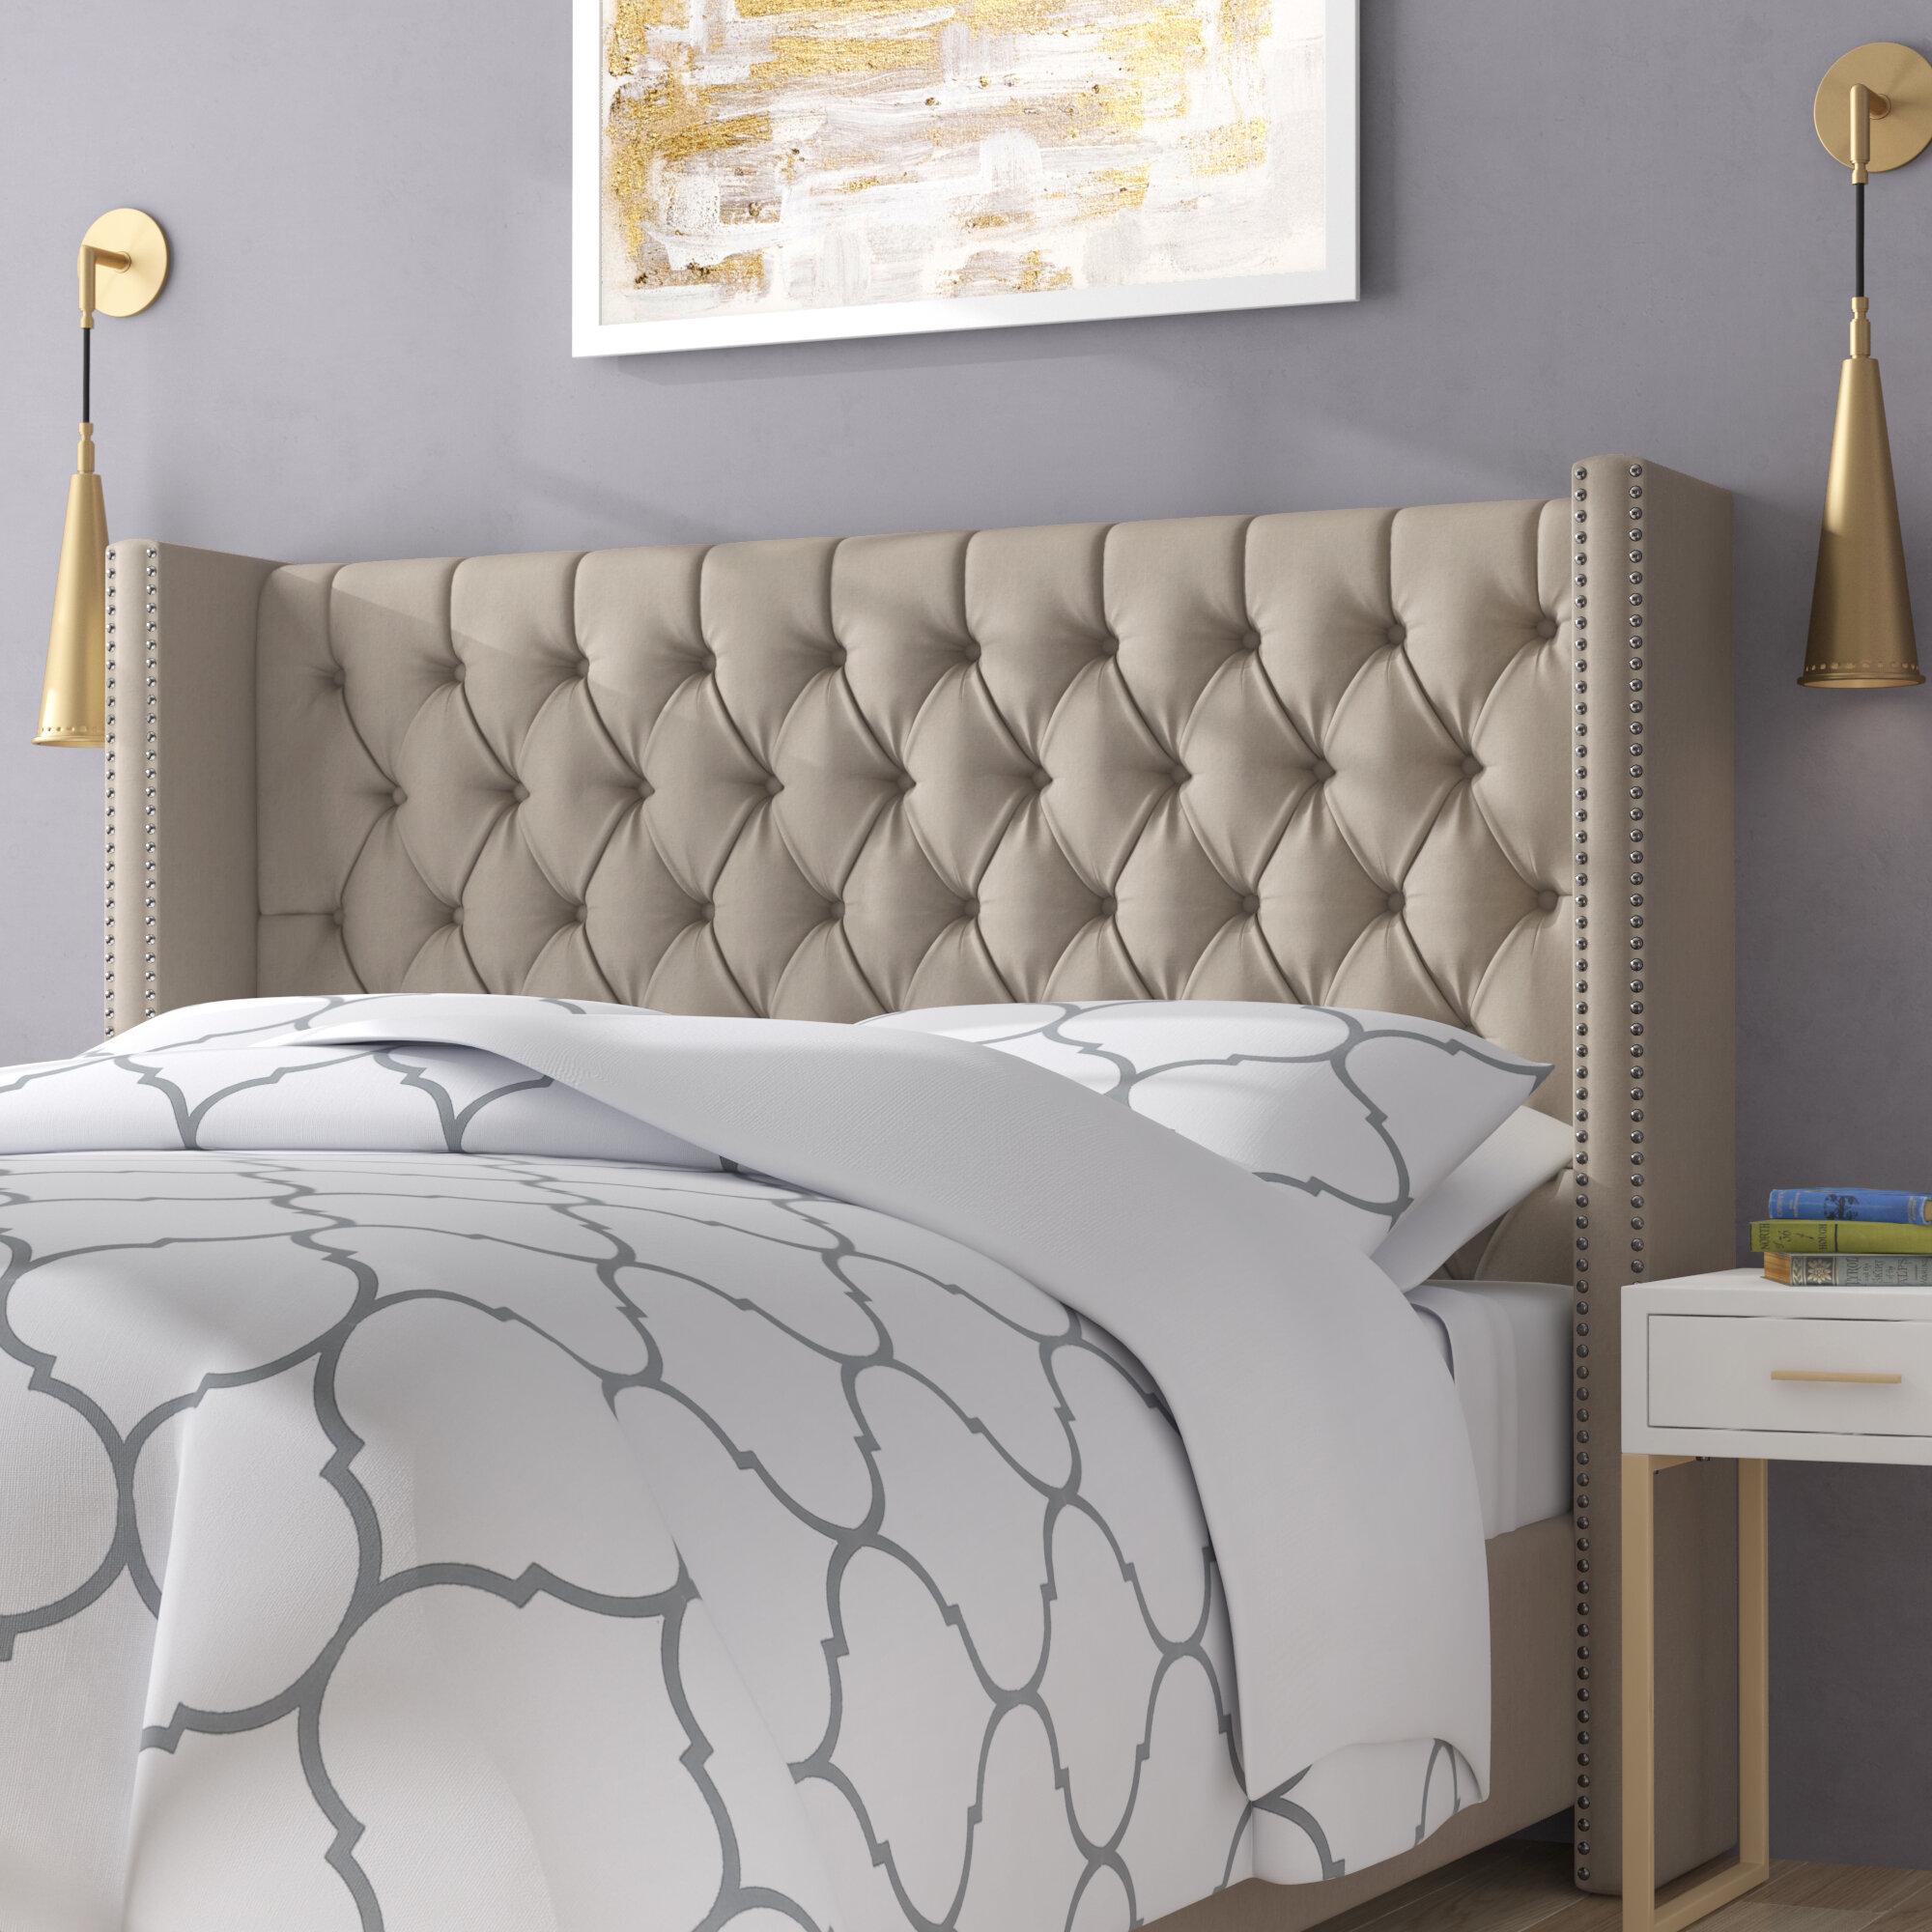 0971bfa3ad5 Alcott Hill Barna Upholstered Platform Bed   Reviews